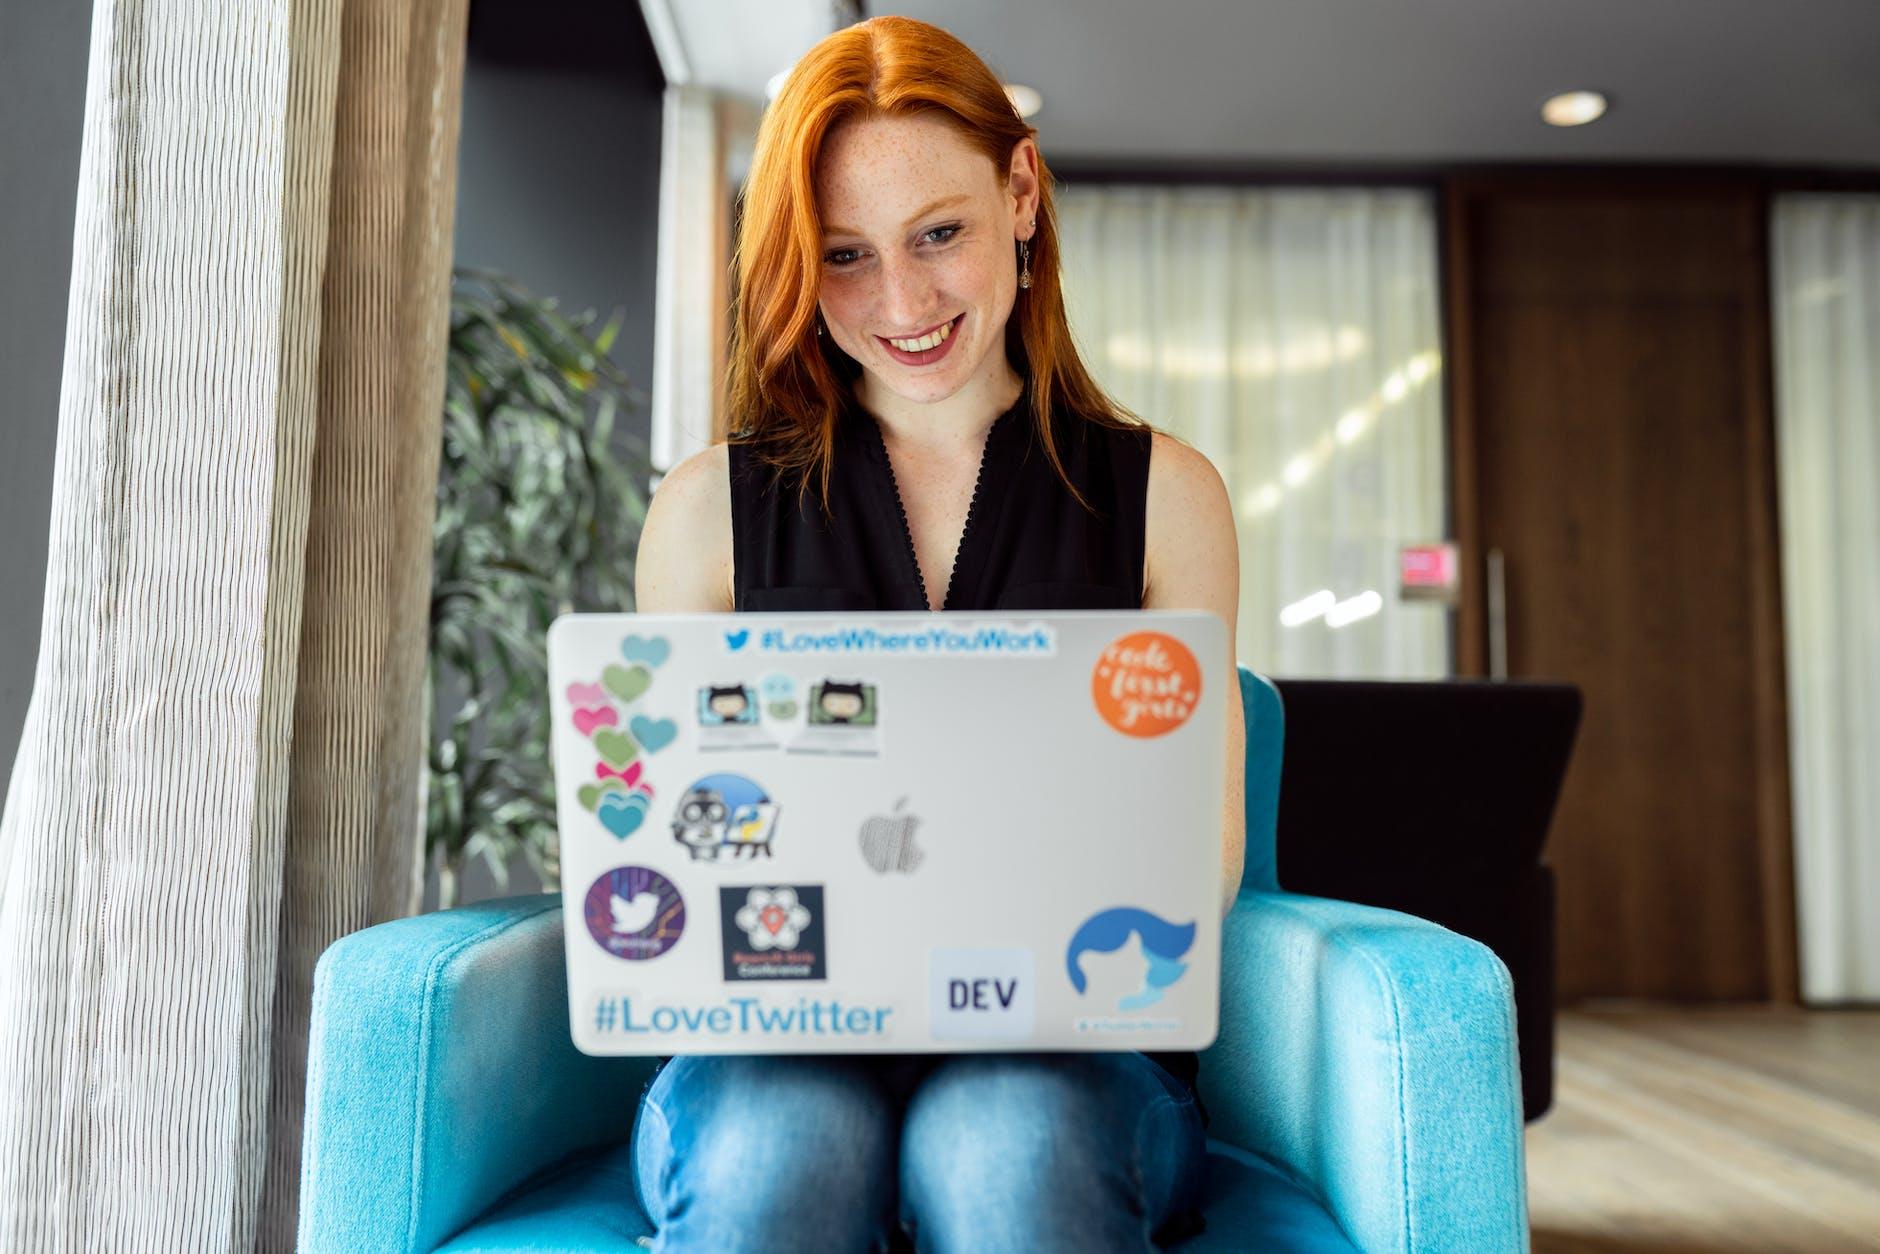 Women sat down, smiling at her laptop